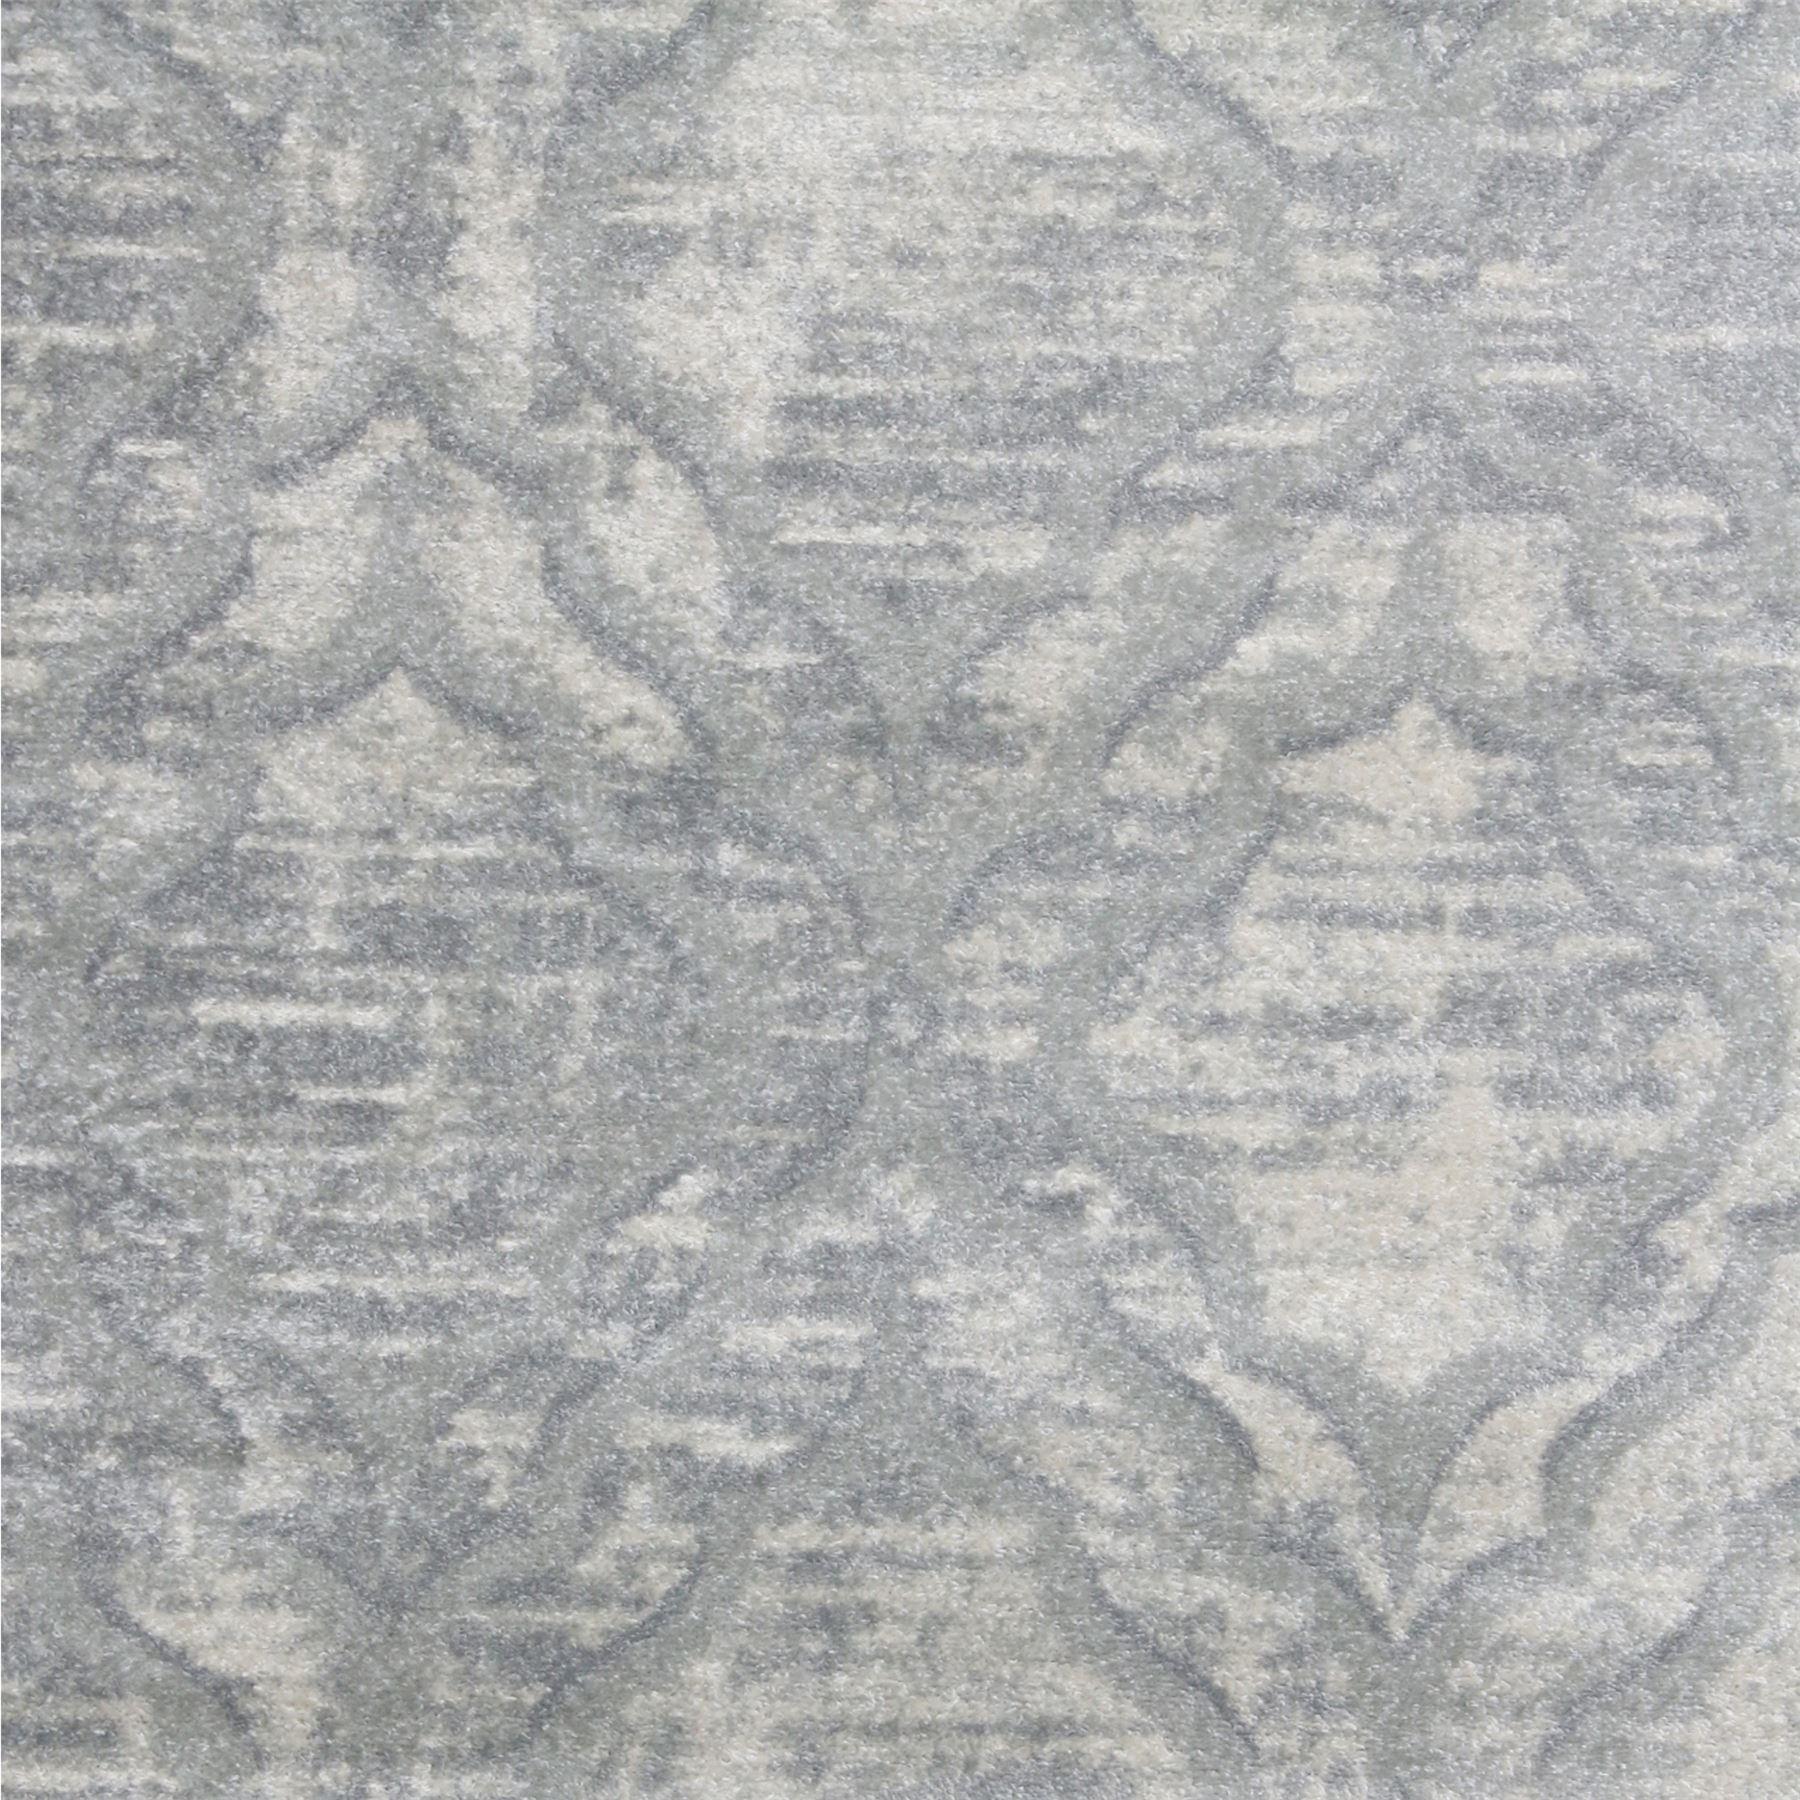 A2Z-grigio-grande-mix-di-moderni-tappeti-VINTAGE-dissolvenza-modelli-Design-Arredamento-Corridori miniatura 5